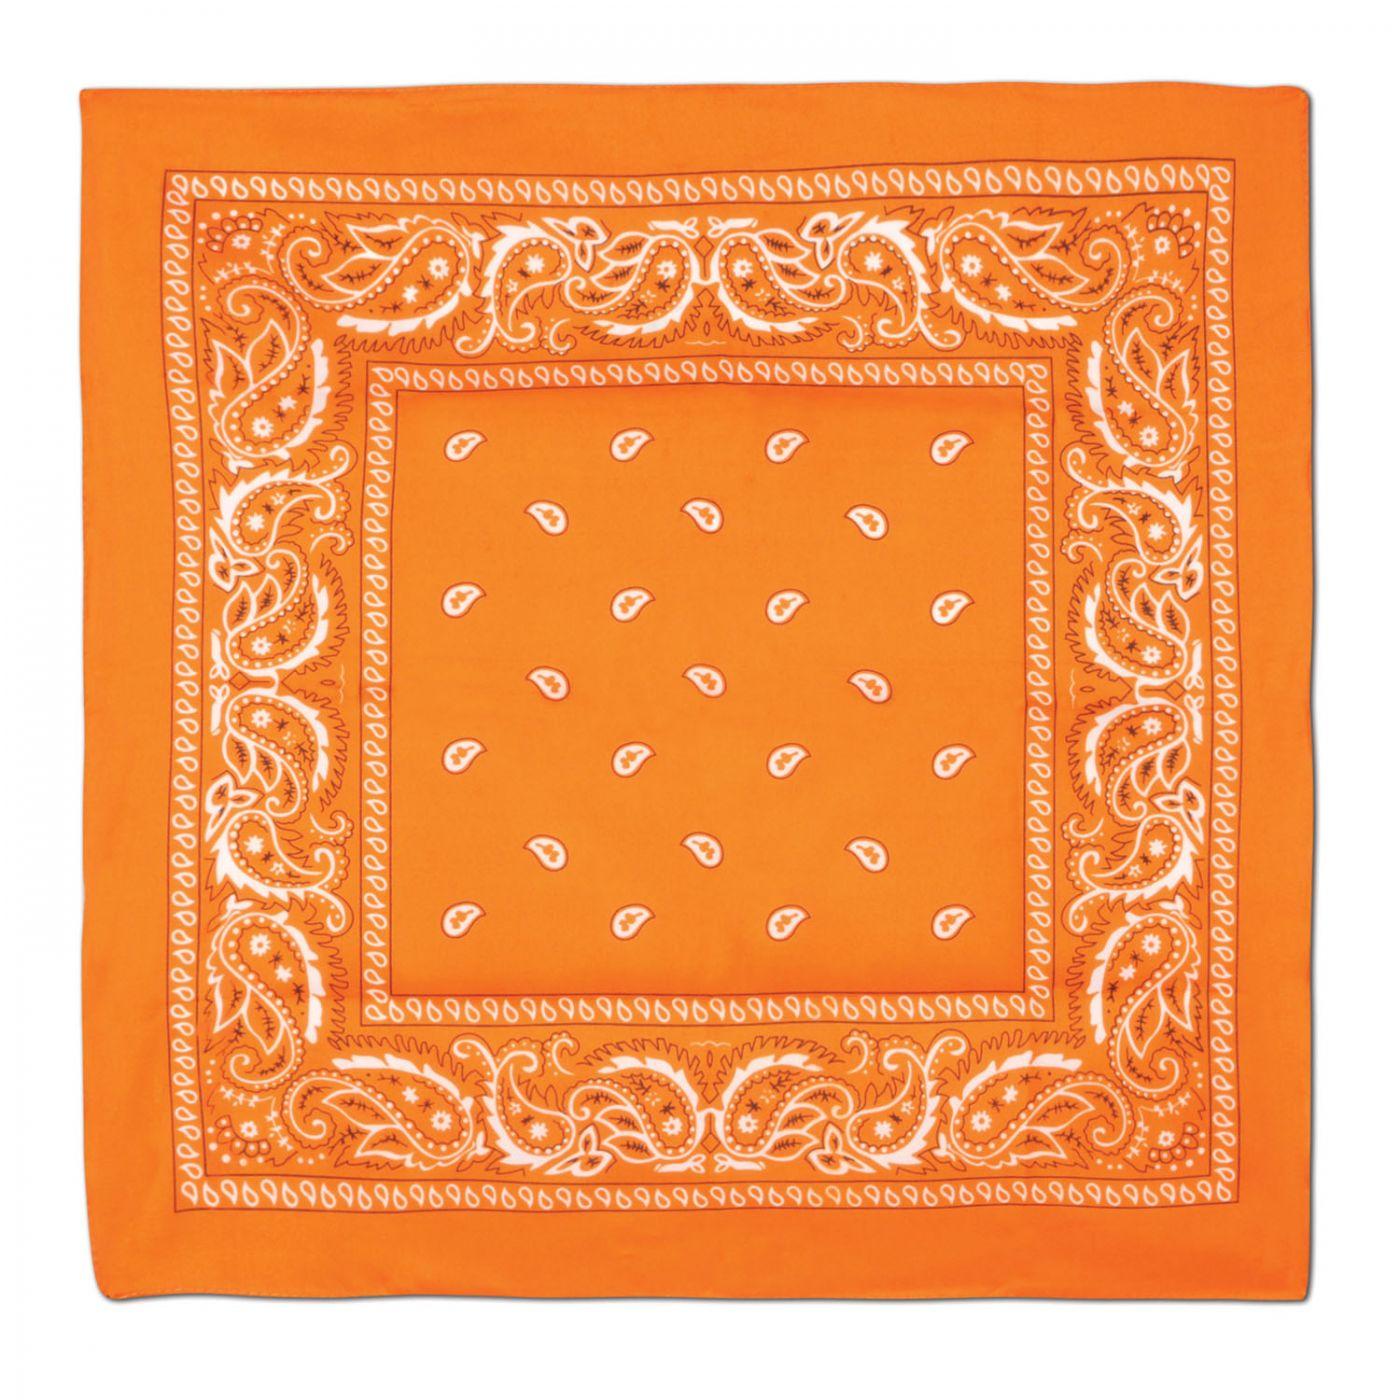 Orange Bandana image